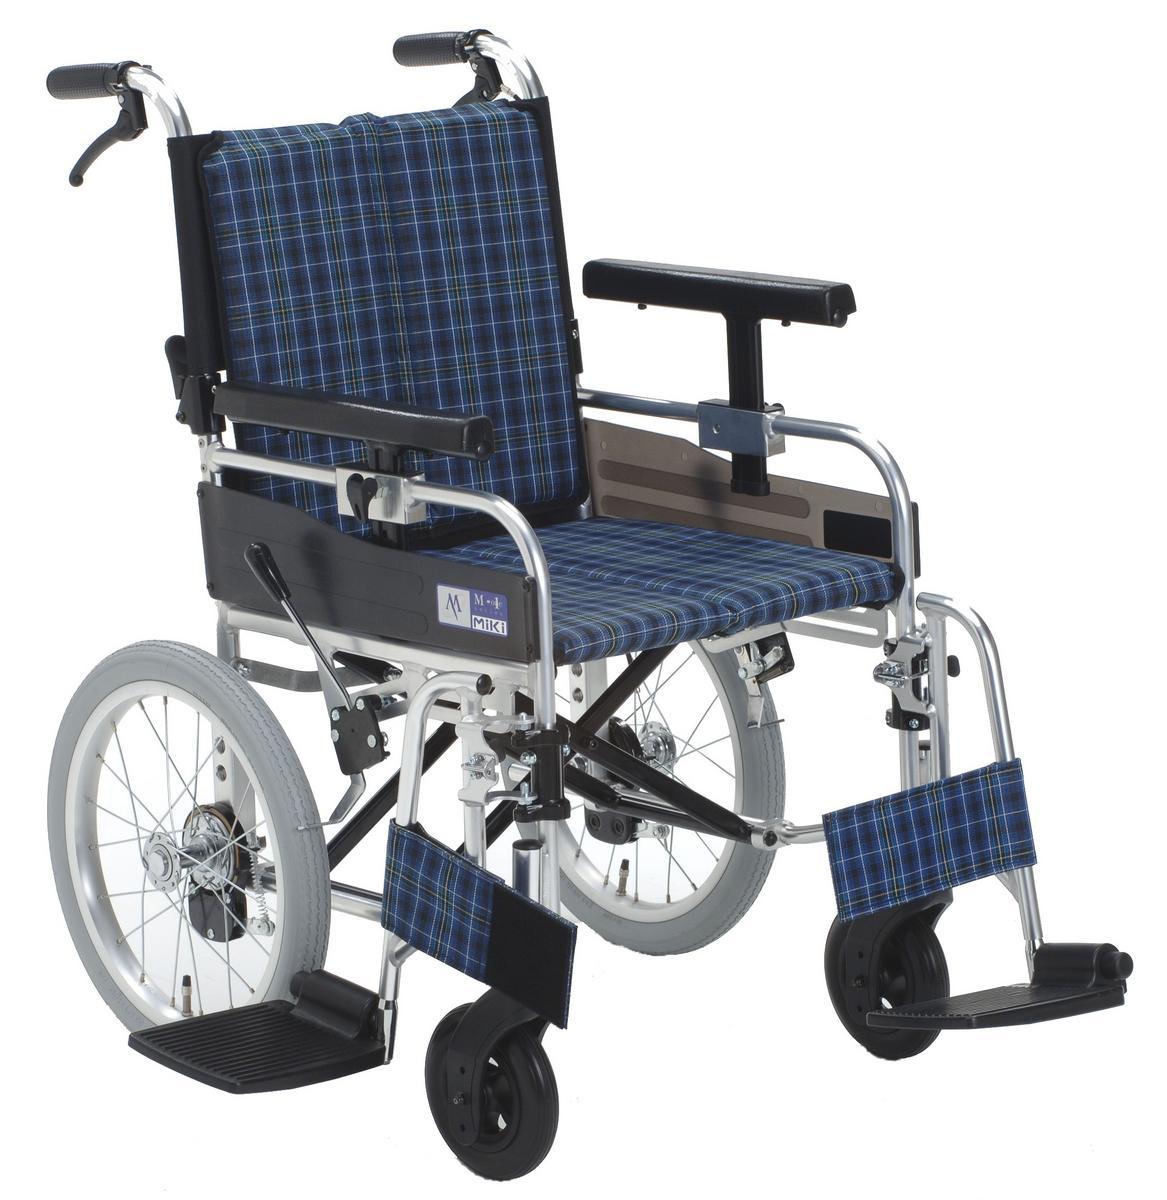 車椅子(車いす)ミキ製 MYU-166JDSW【メーカー正規保証付き/条件付き送料無料】